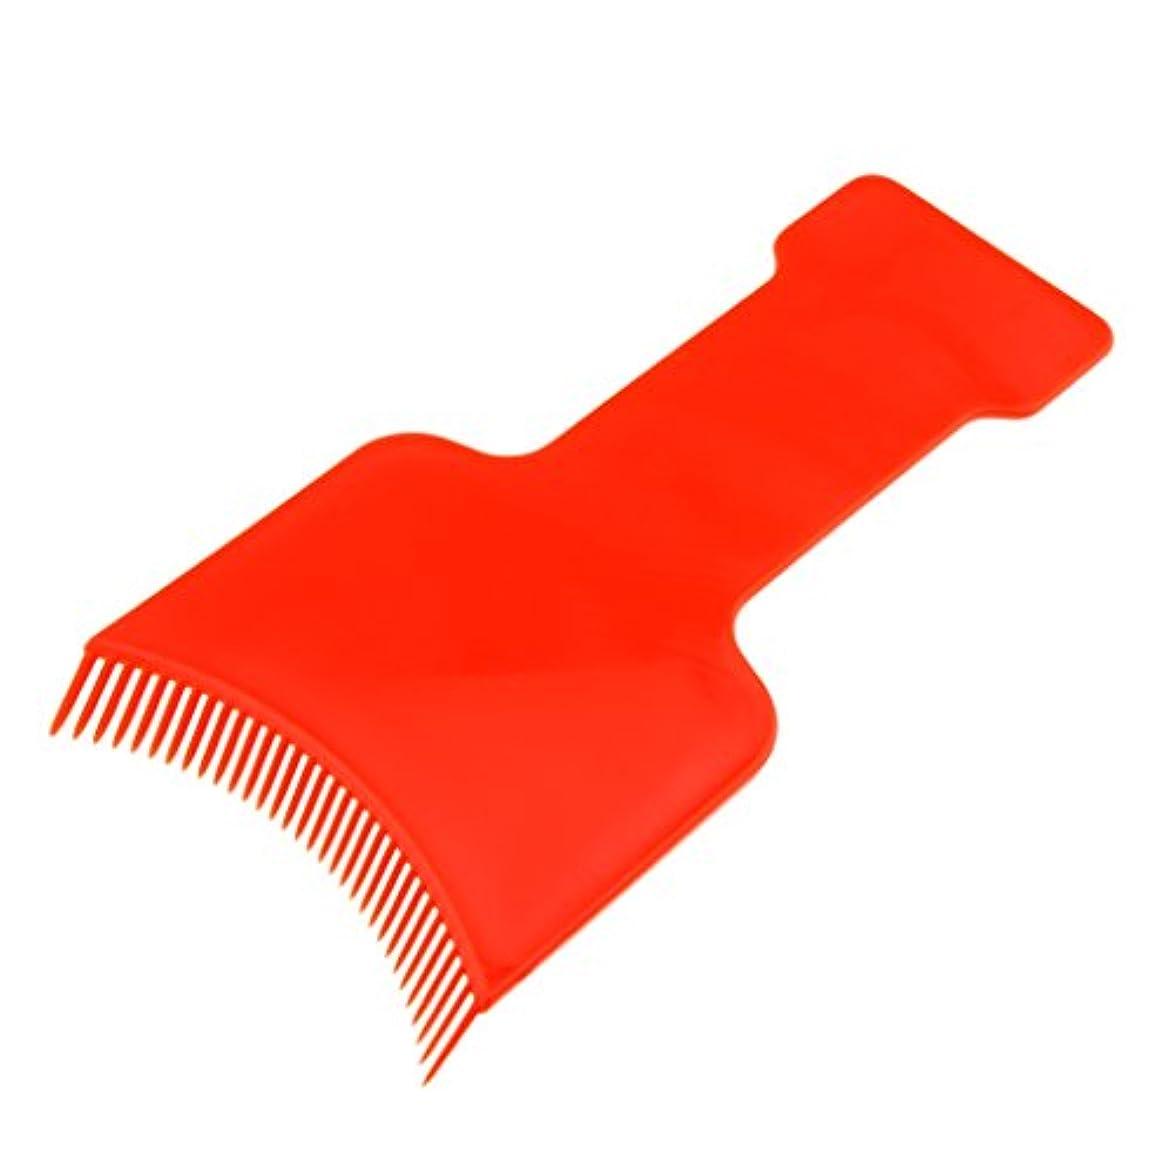 はっきりしないセンチメンタル桁T TOOYFUL ヘアカラーボード ヘアダイコーム ヘアダイブラシ 染色櫛 プレート ヘアサロン 用品